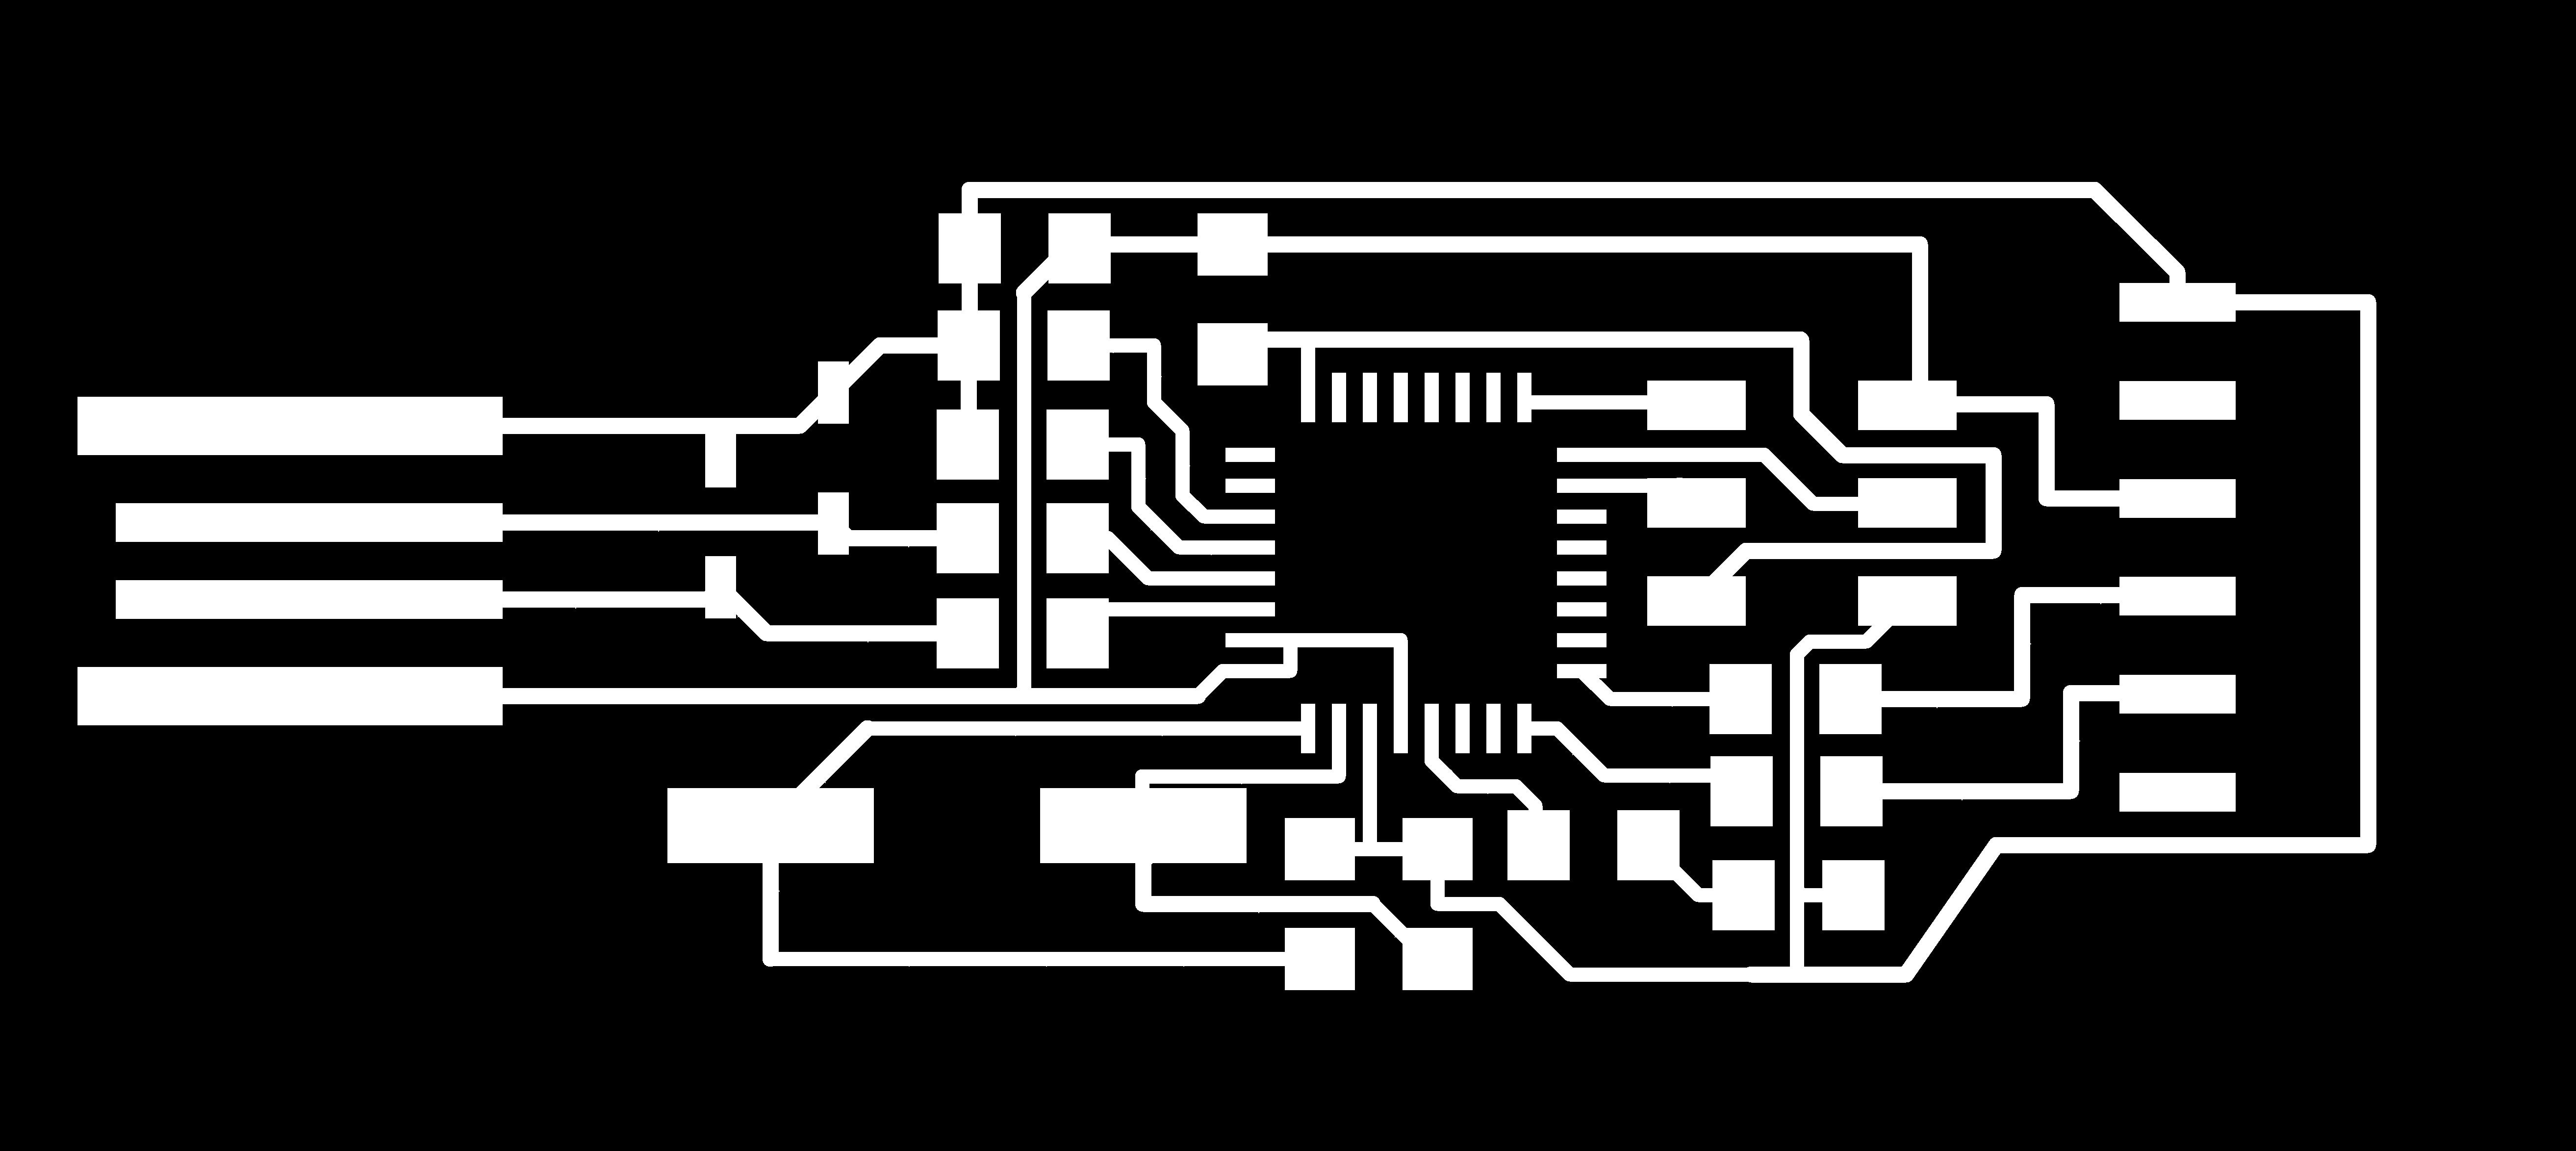 FabFTDI_package/FabFTDI_Trace.png